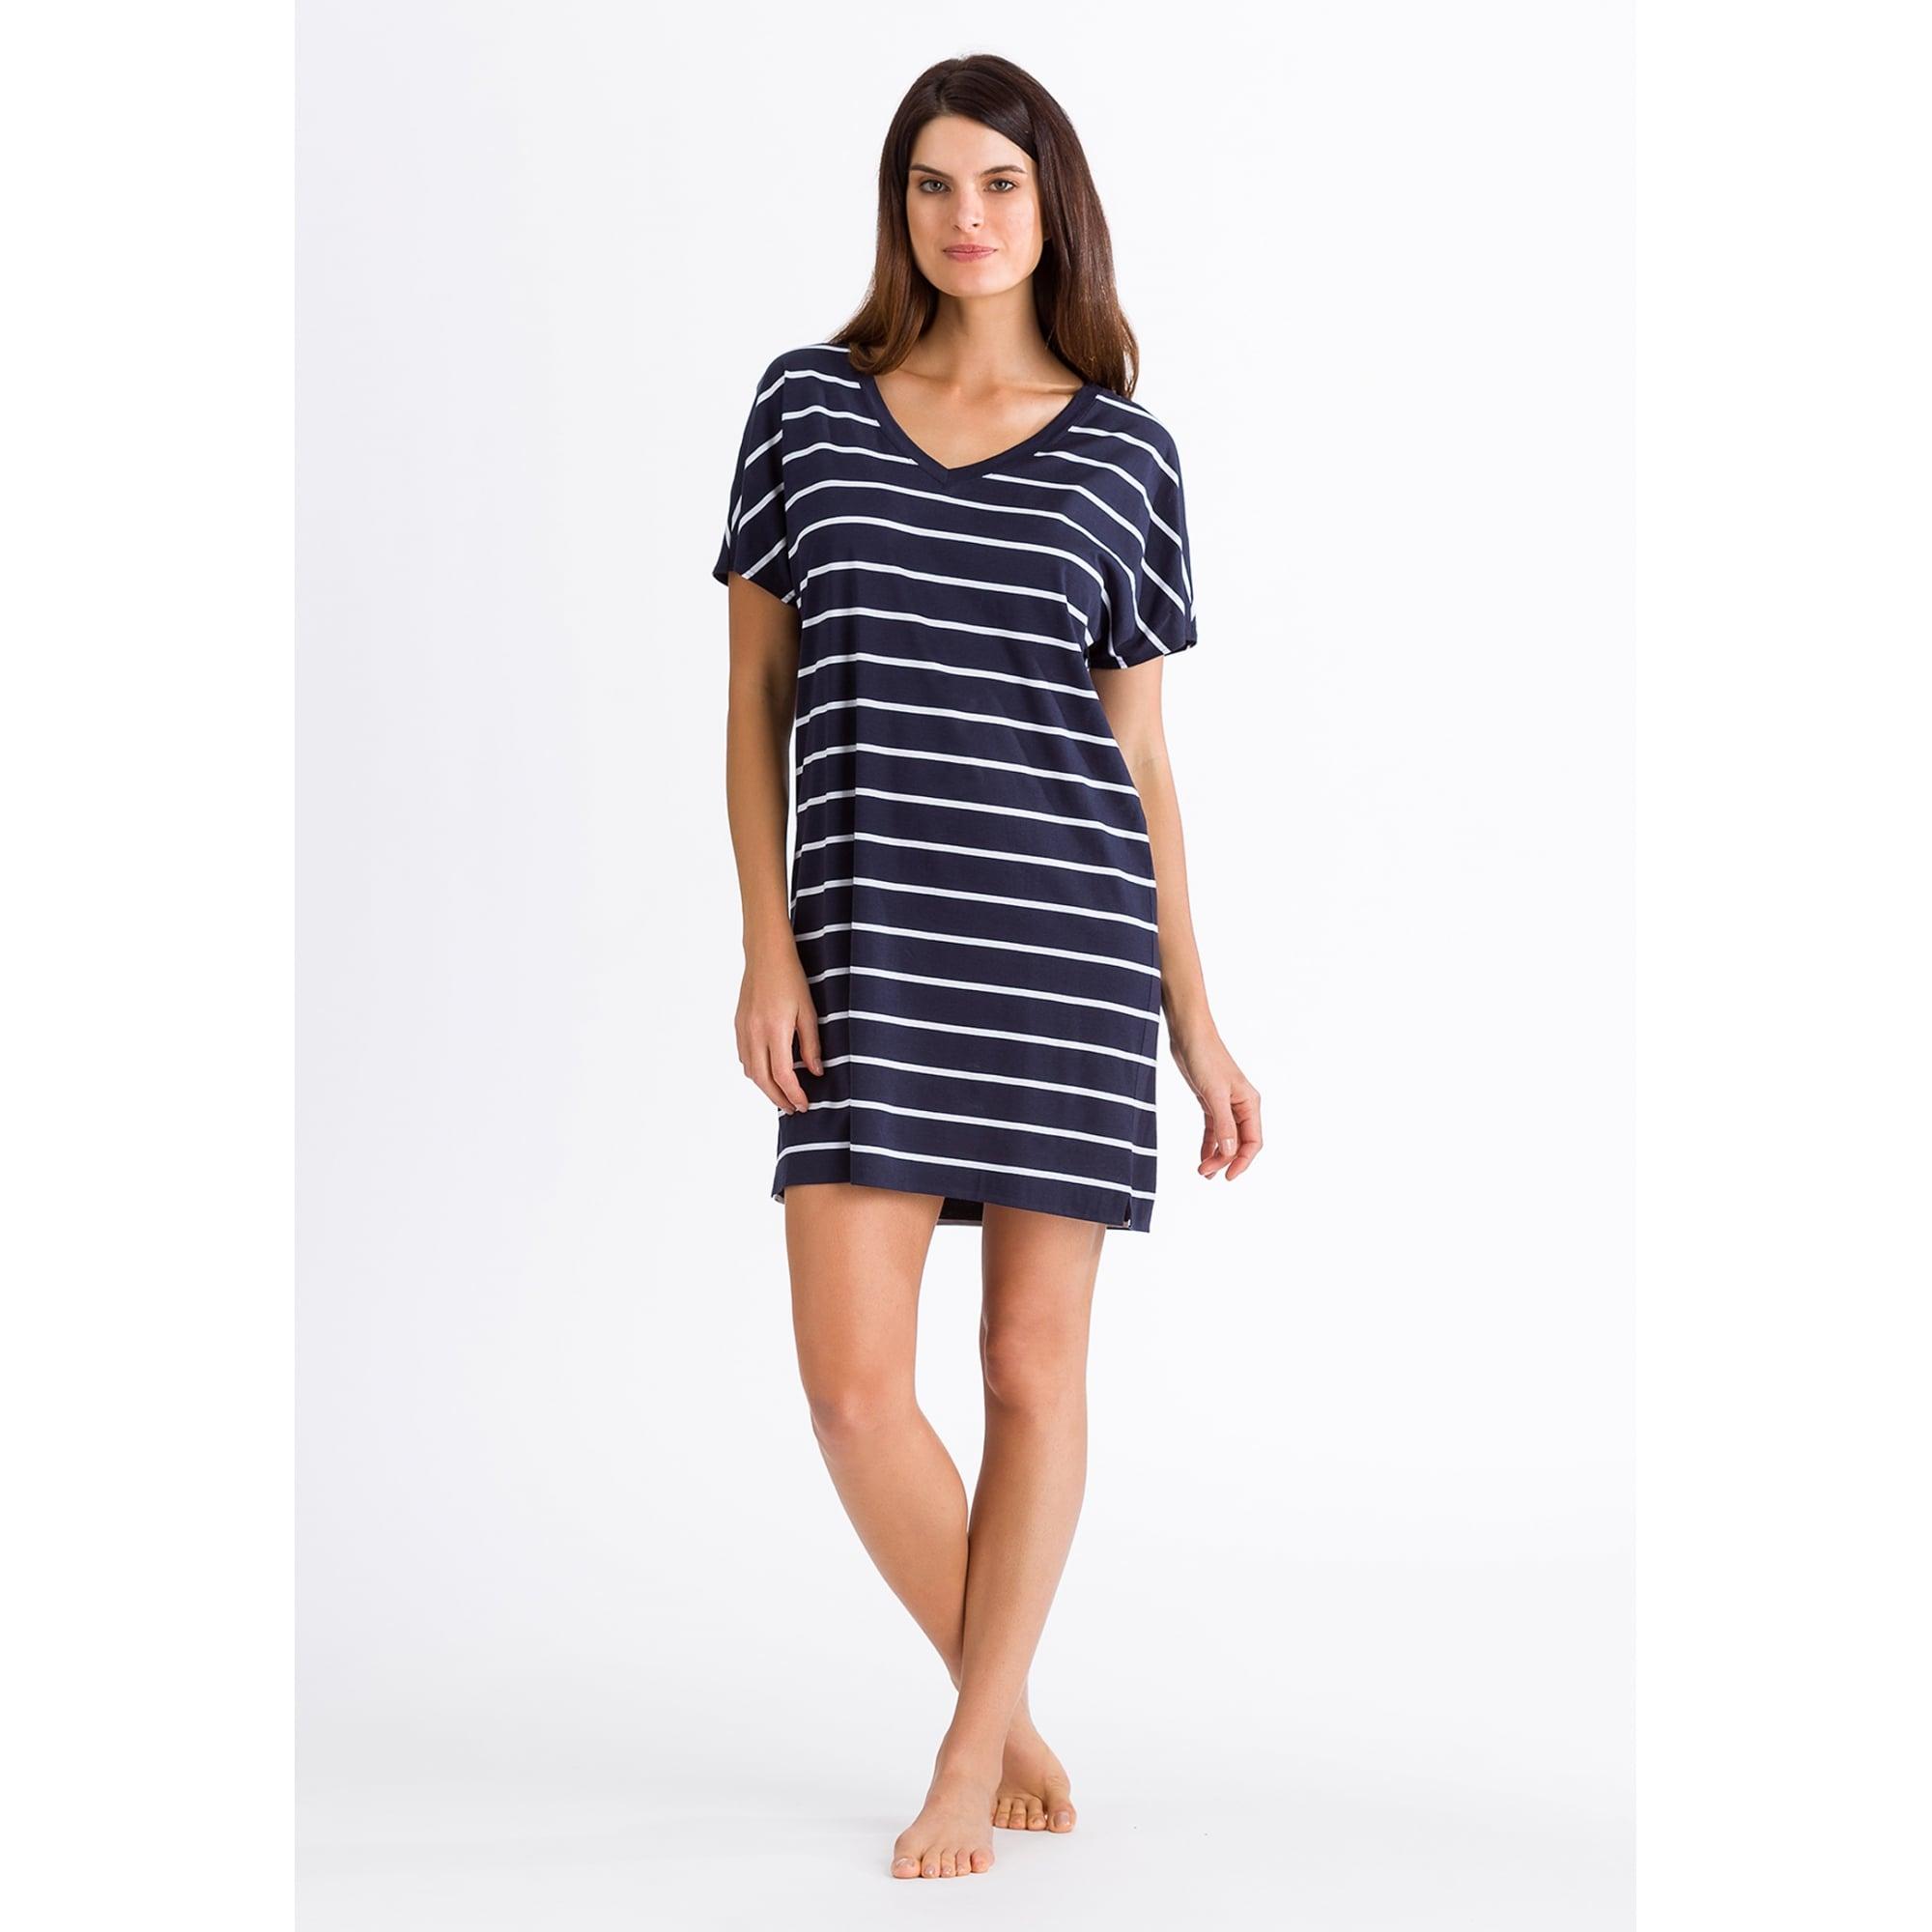 09dbdc8190 Hanro Laura Sleep Shirt in Navy Stripe | Collen & Clare